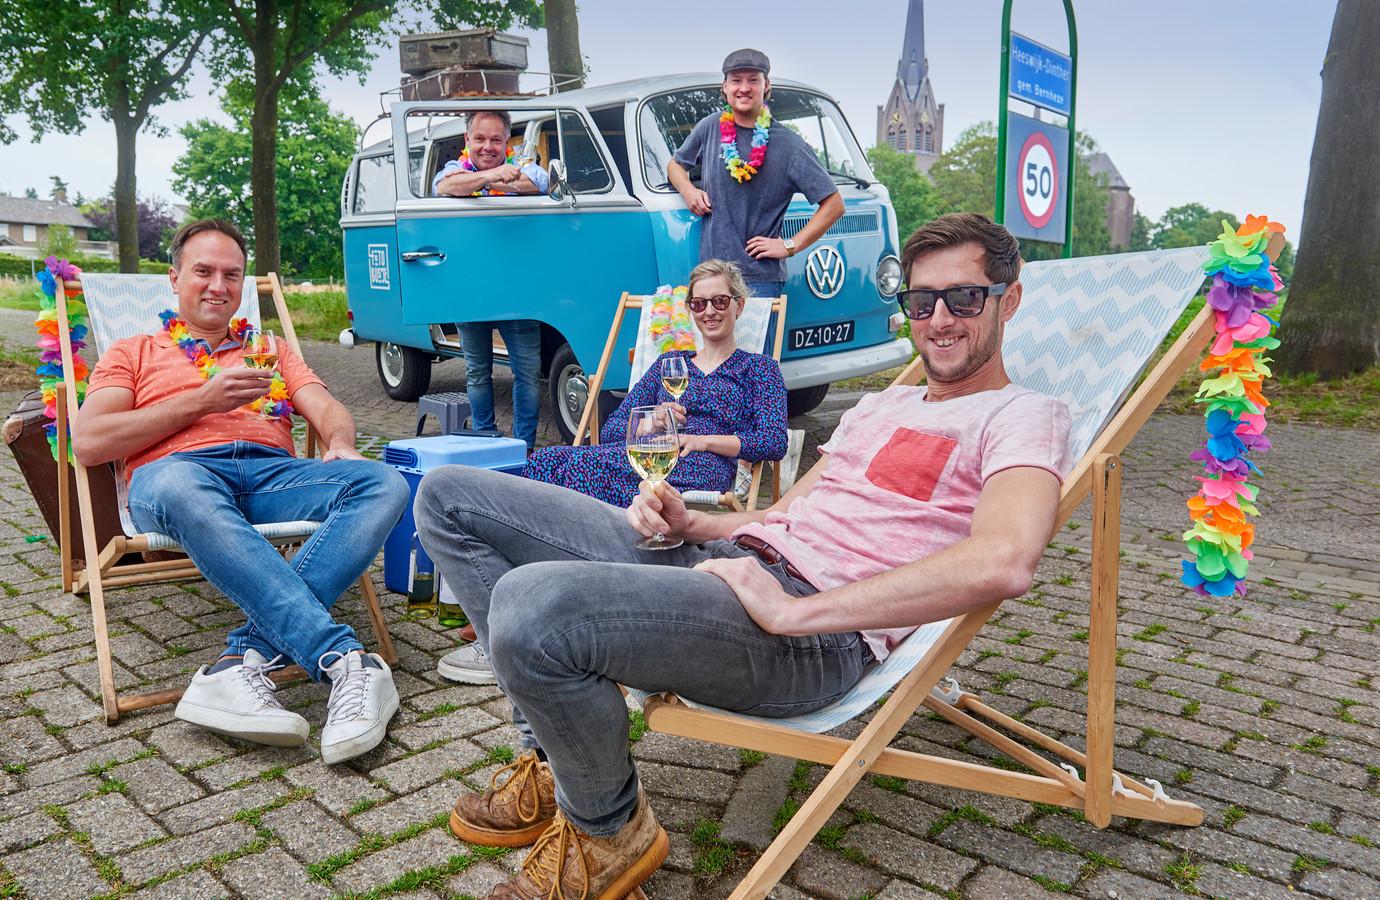 Vlnr, voor: Paul Bouwman, Jet van Gerwen en Jehan Langenhuijsen. Achter: Jeroen van den Broek en Sten van den Berg.